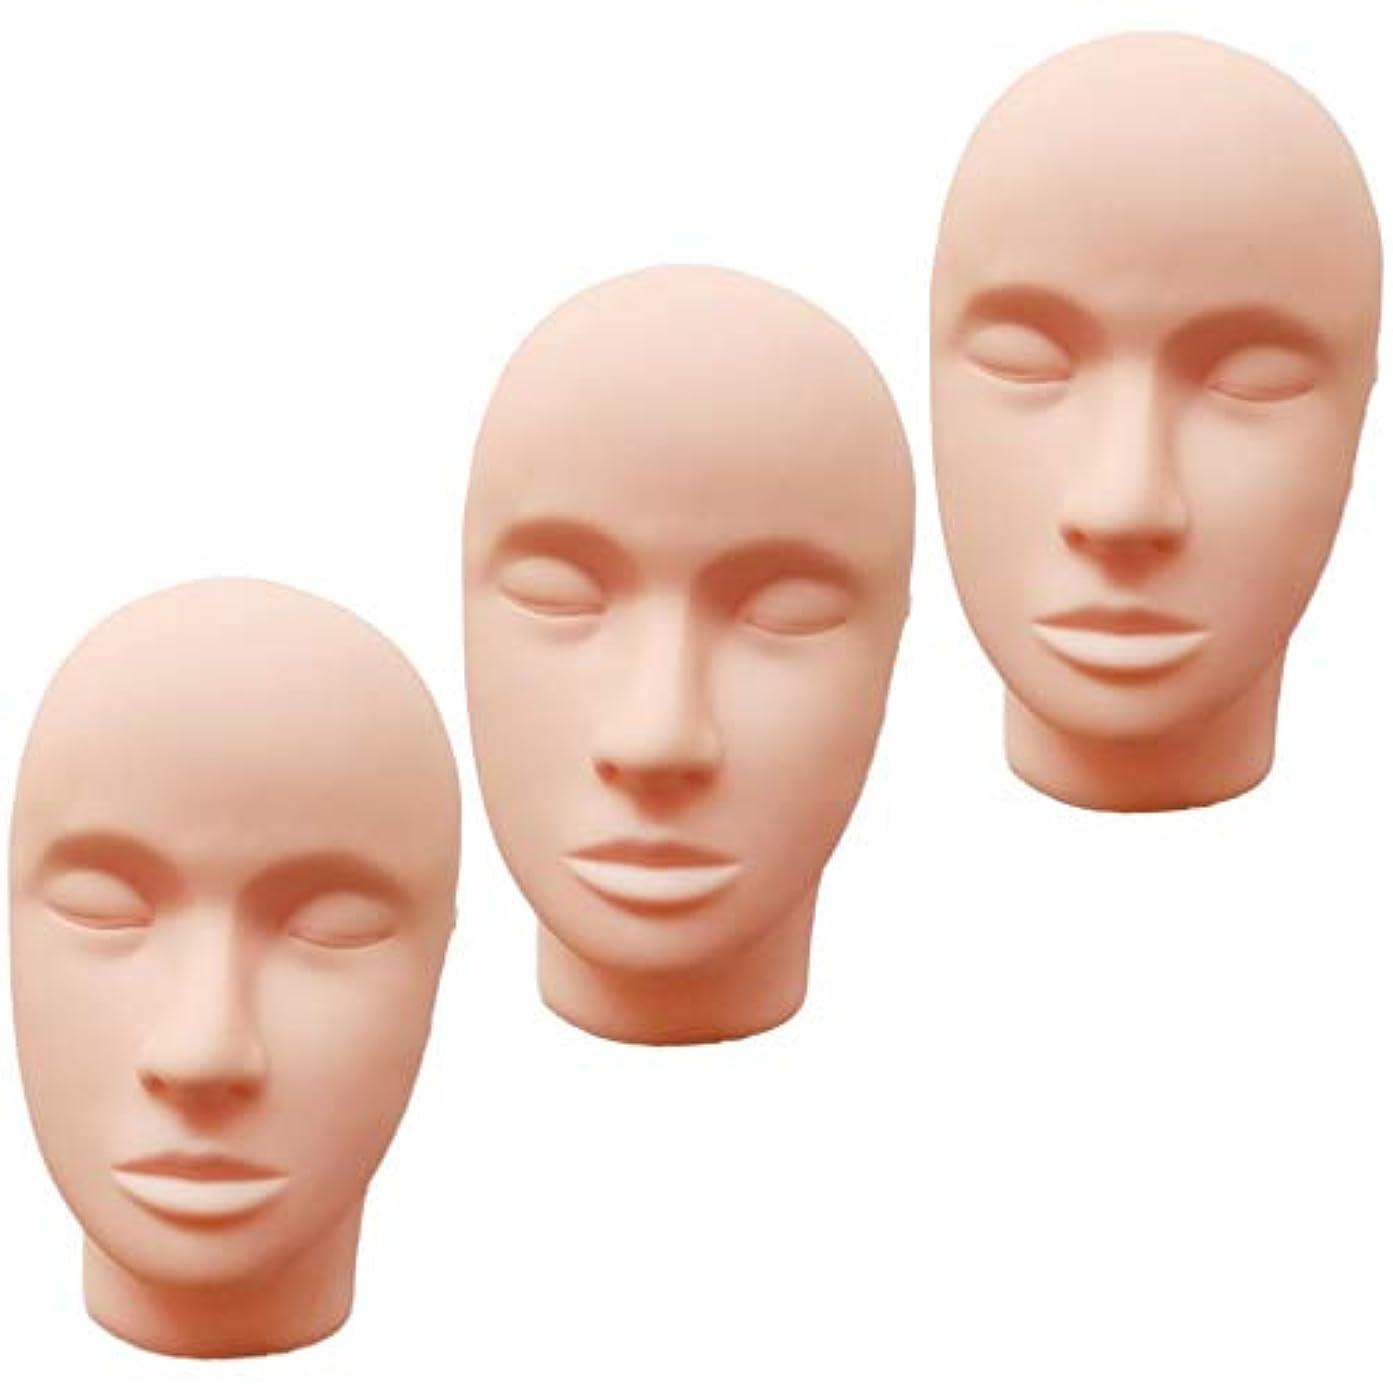 T TOOYFUL ヘッドマネキン メイク練習用 モデル 化粧 フェイス メイクアップ まつげエクステ 繰り返し利用